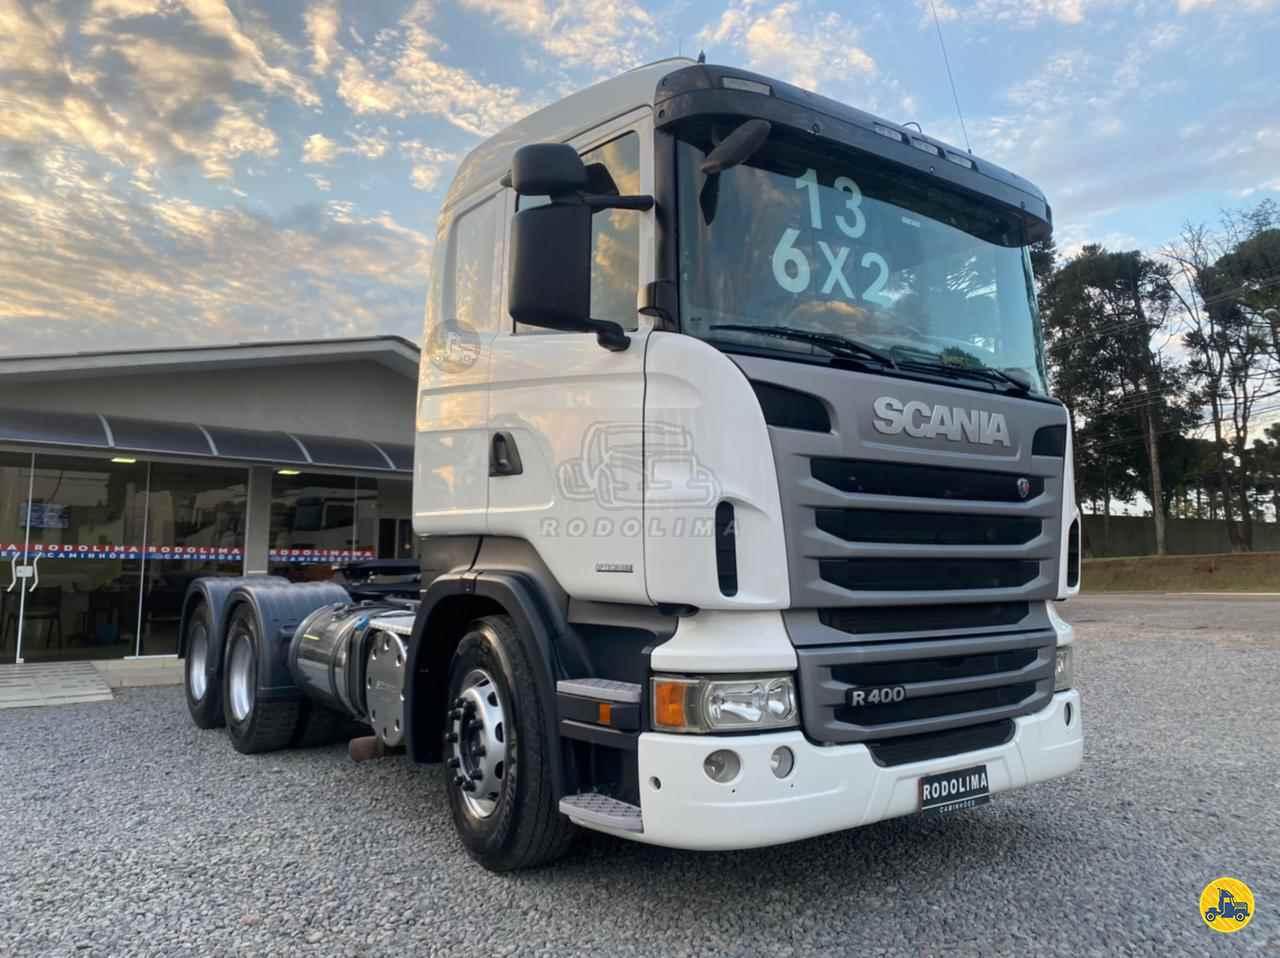 CAMINHAO SCANIA SCANIA 360 Cavalo Mecânico Truck 6x2 Rodolima Caminhões CURITIBA PARANÁ PR